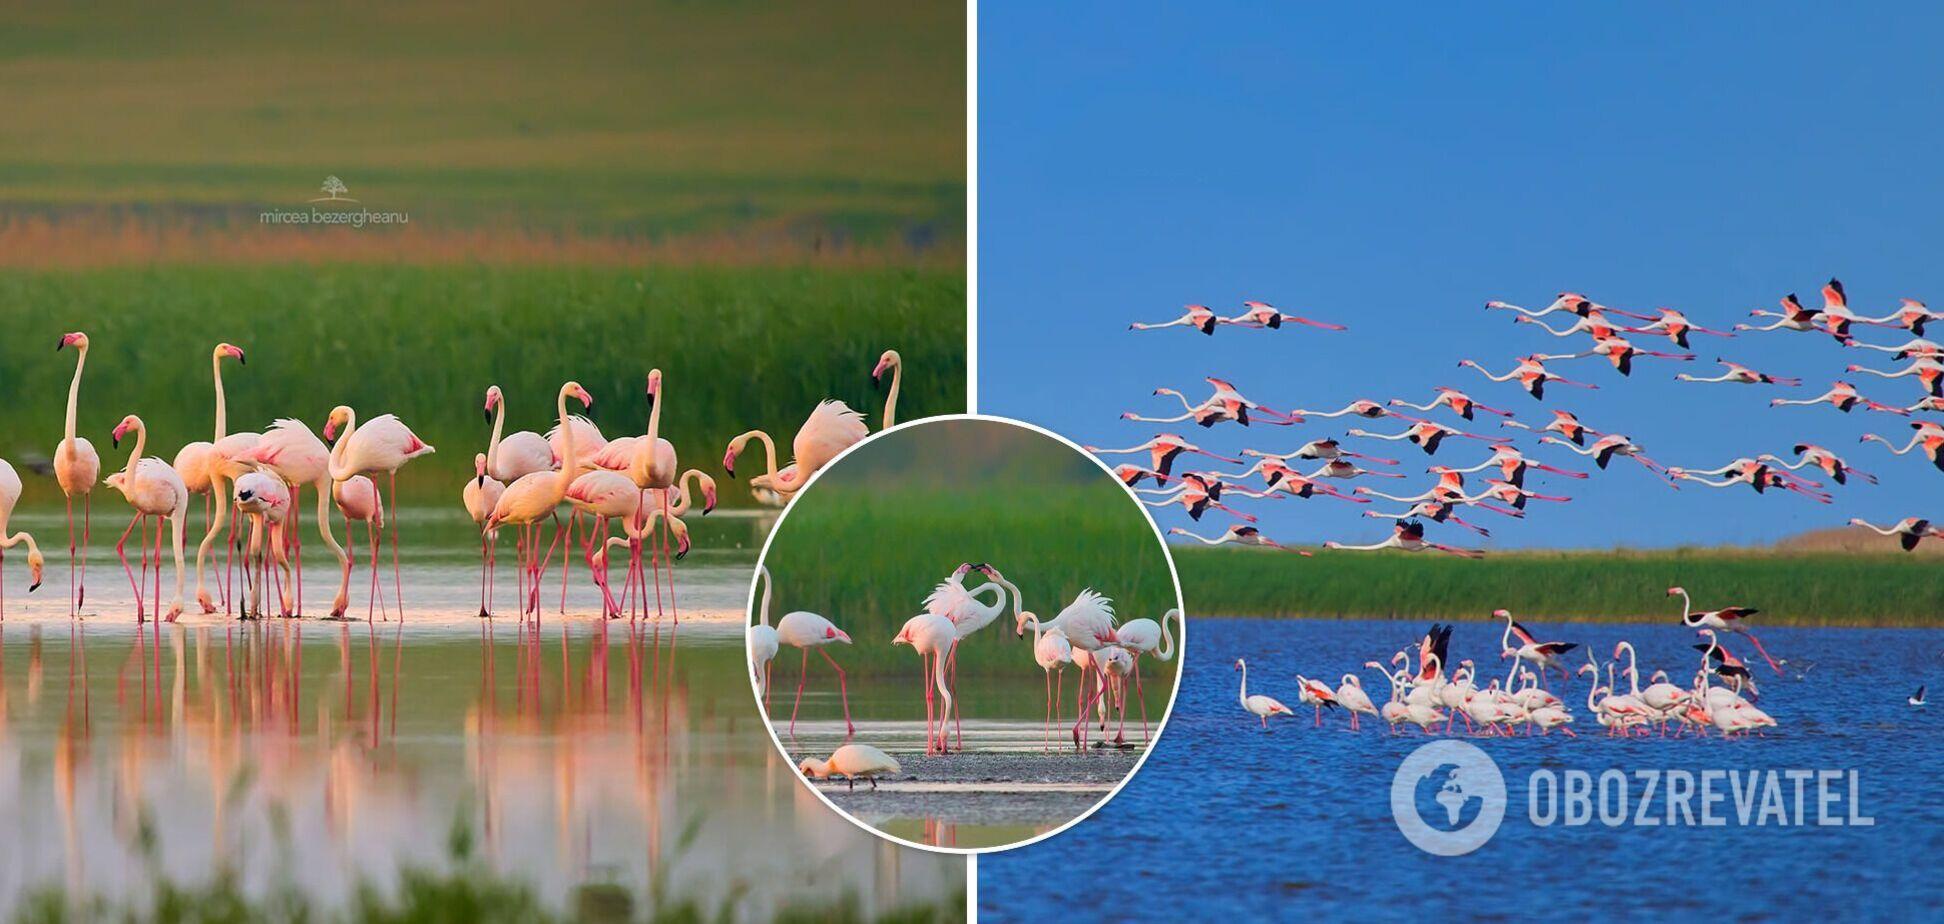 Над Одесщиной пролетела крупнейшая в истории стая розовых фламинго. Редкие фото